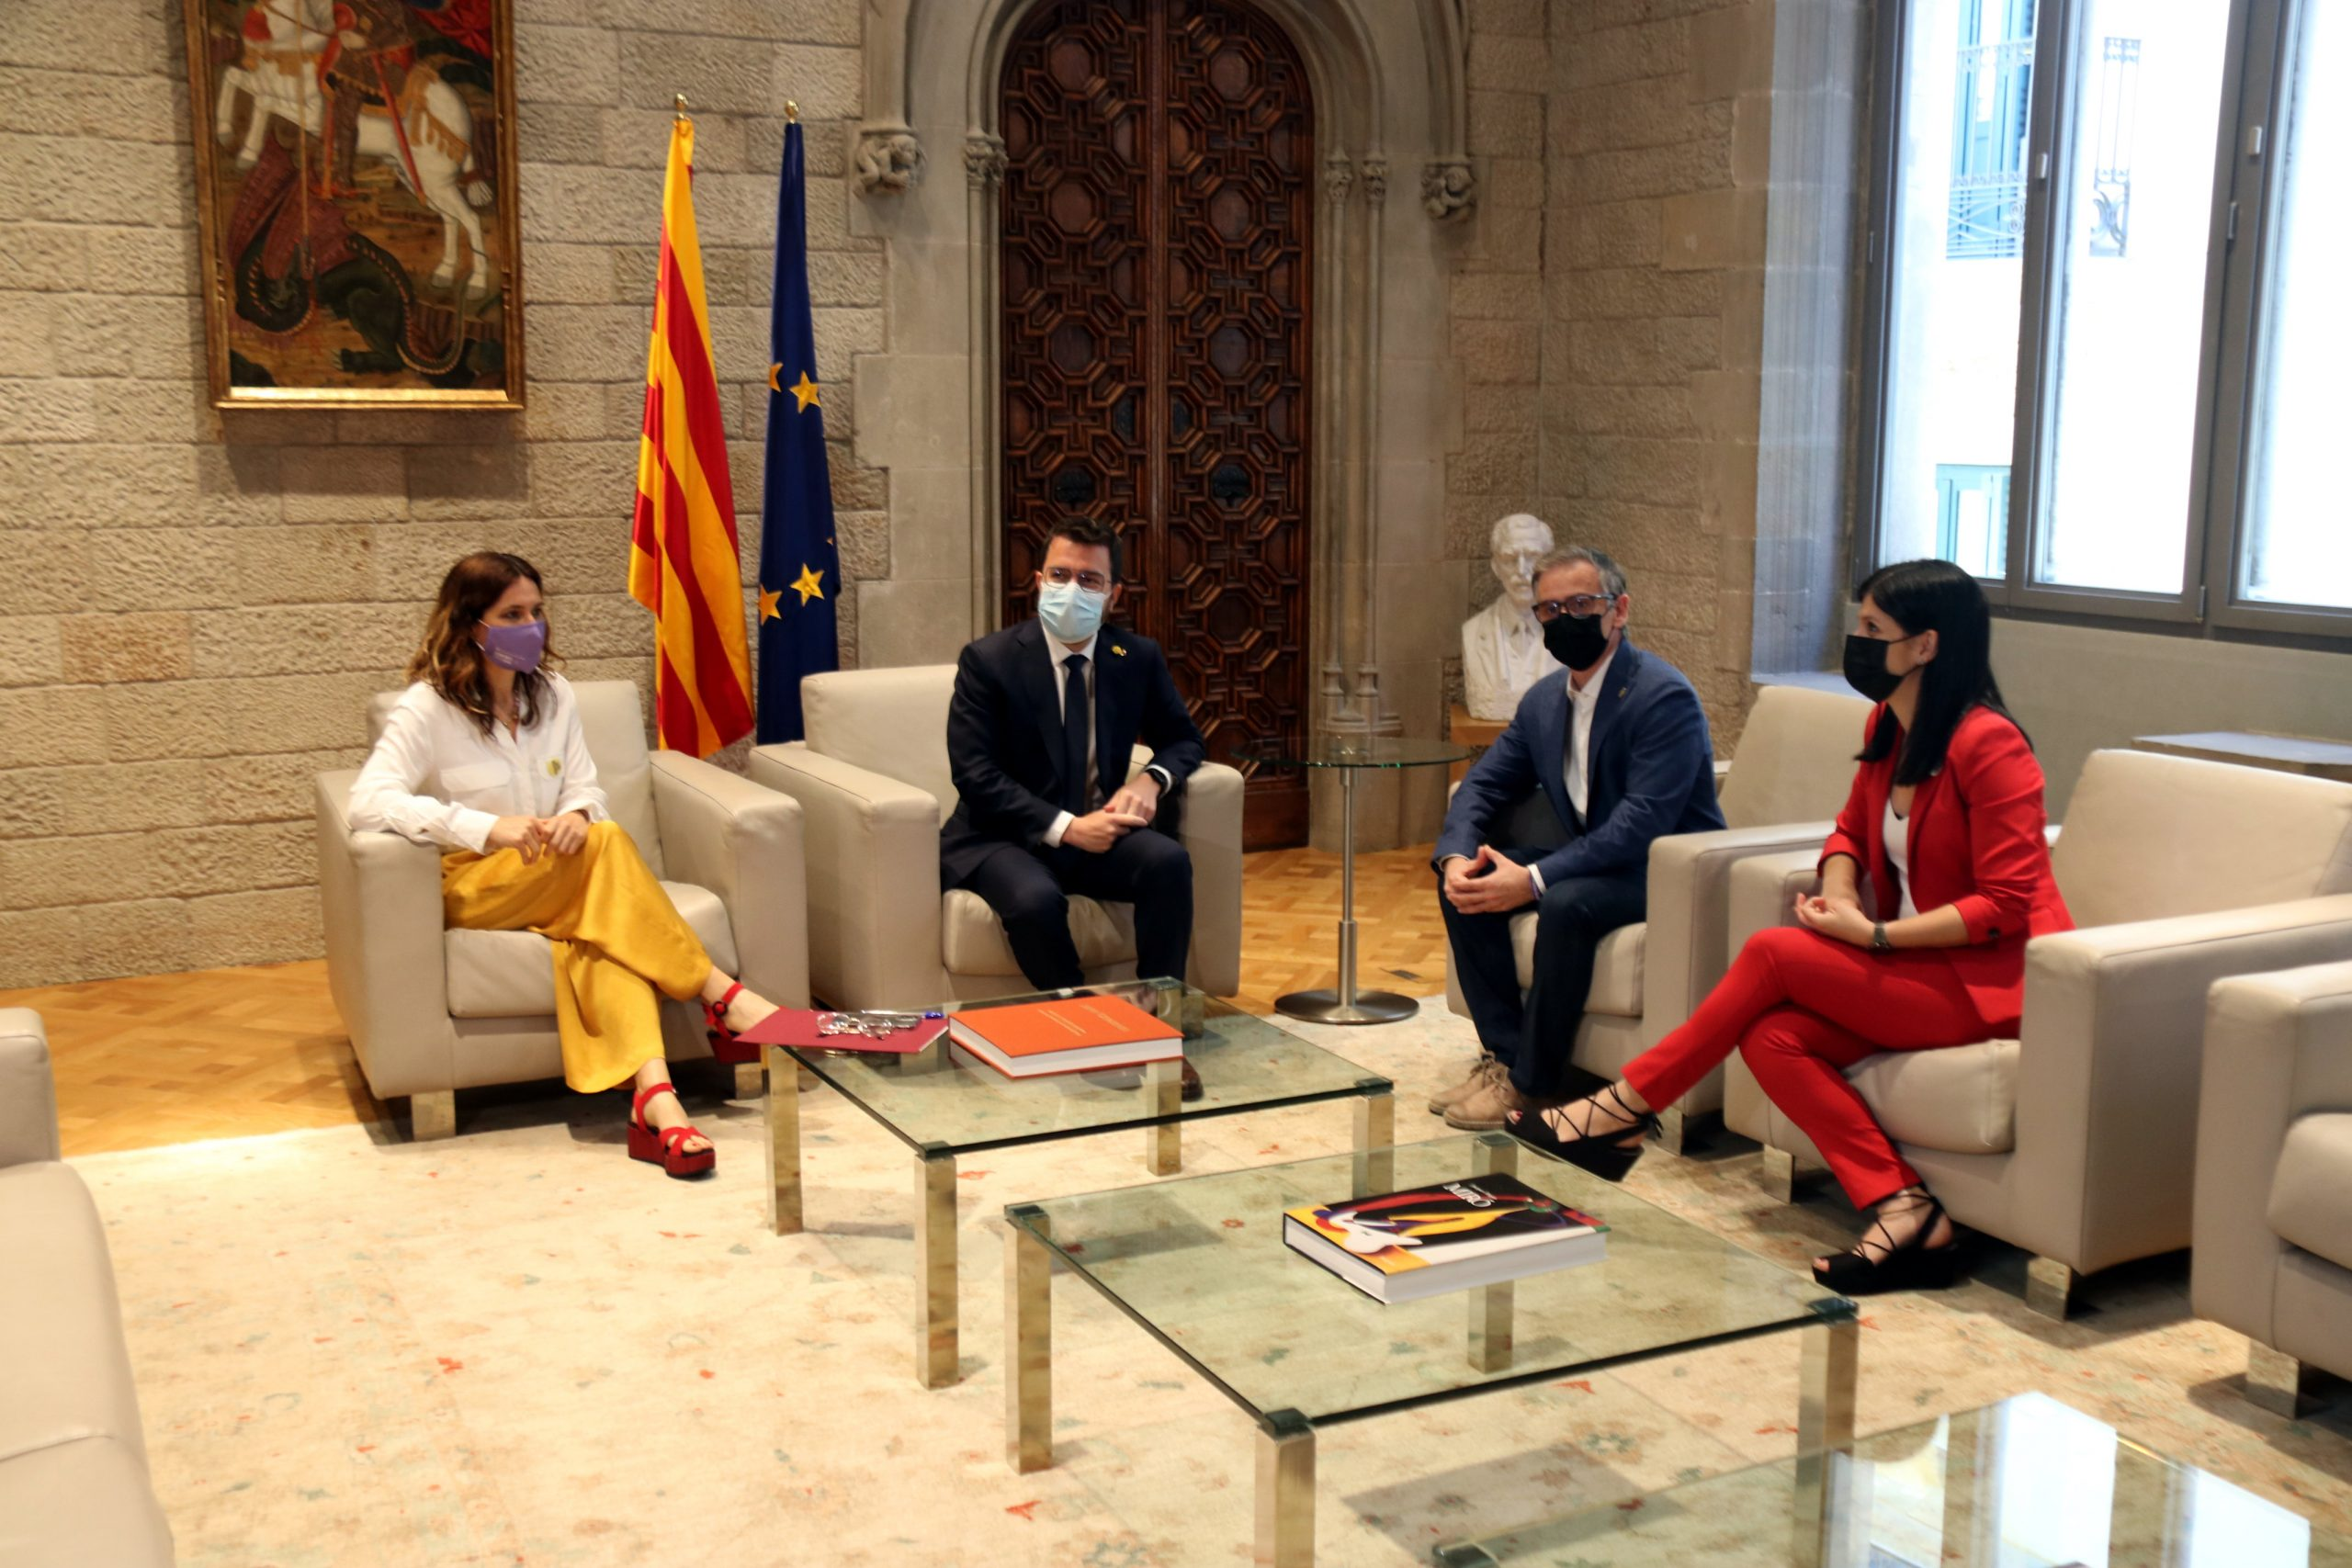 El president, Pere Aragonès, i la consellera de Presidència, Laura Vilagrà, amb Josep Maria Jové i Marta Vilalta (ERC) al Palau de la Generalitat / ACN